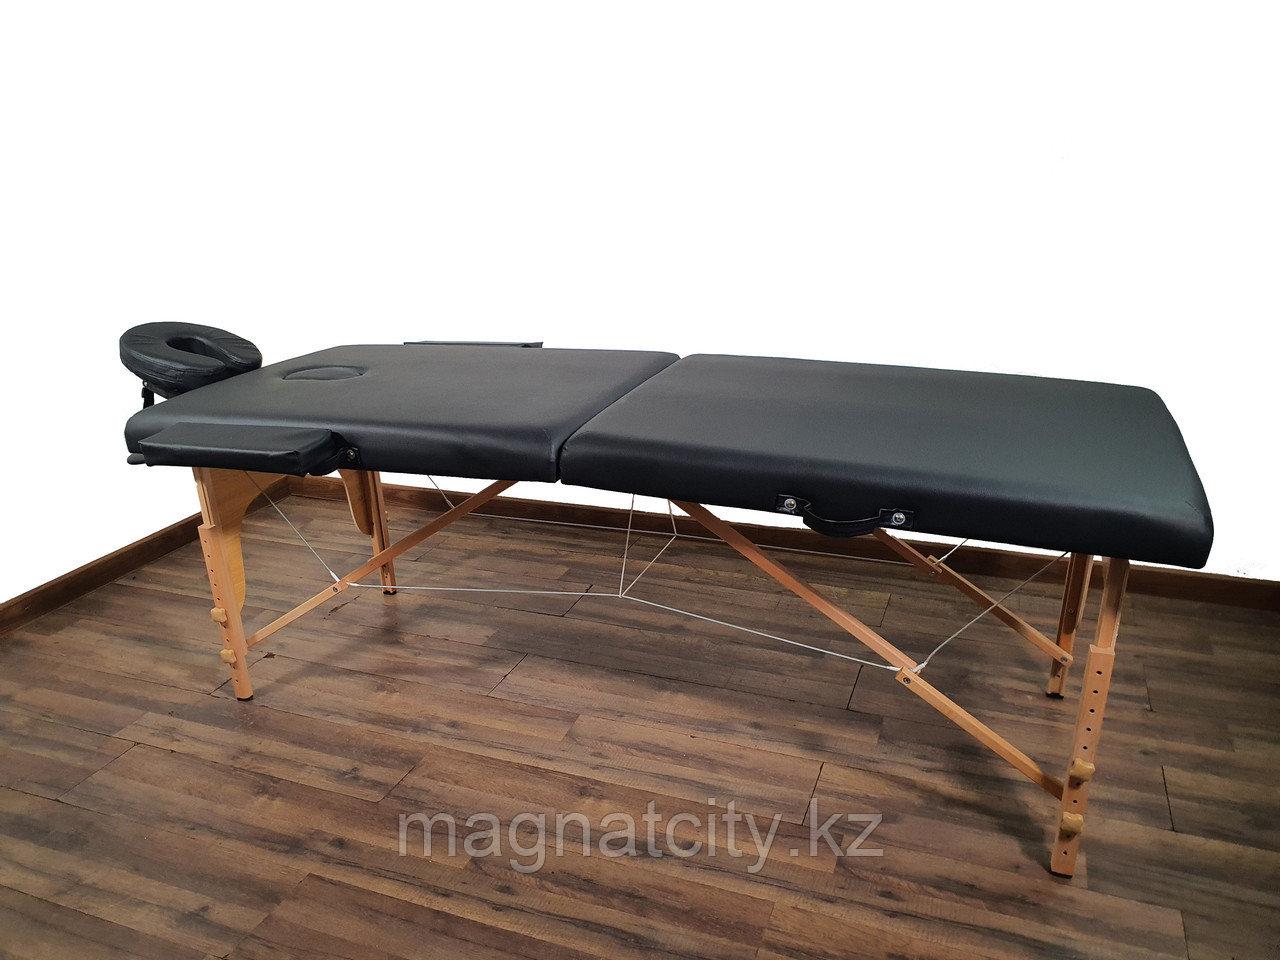 Массажный стол складной, с чехлом